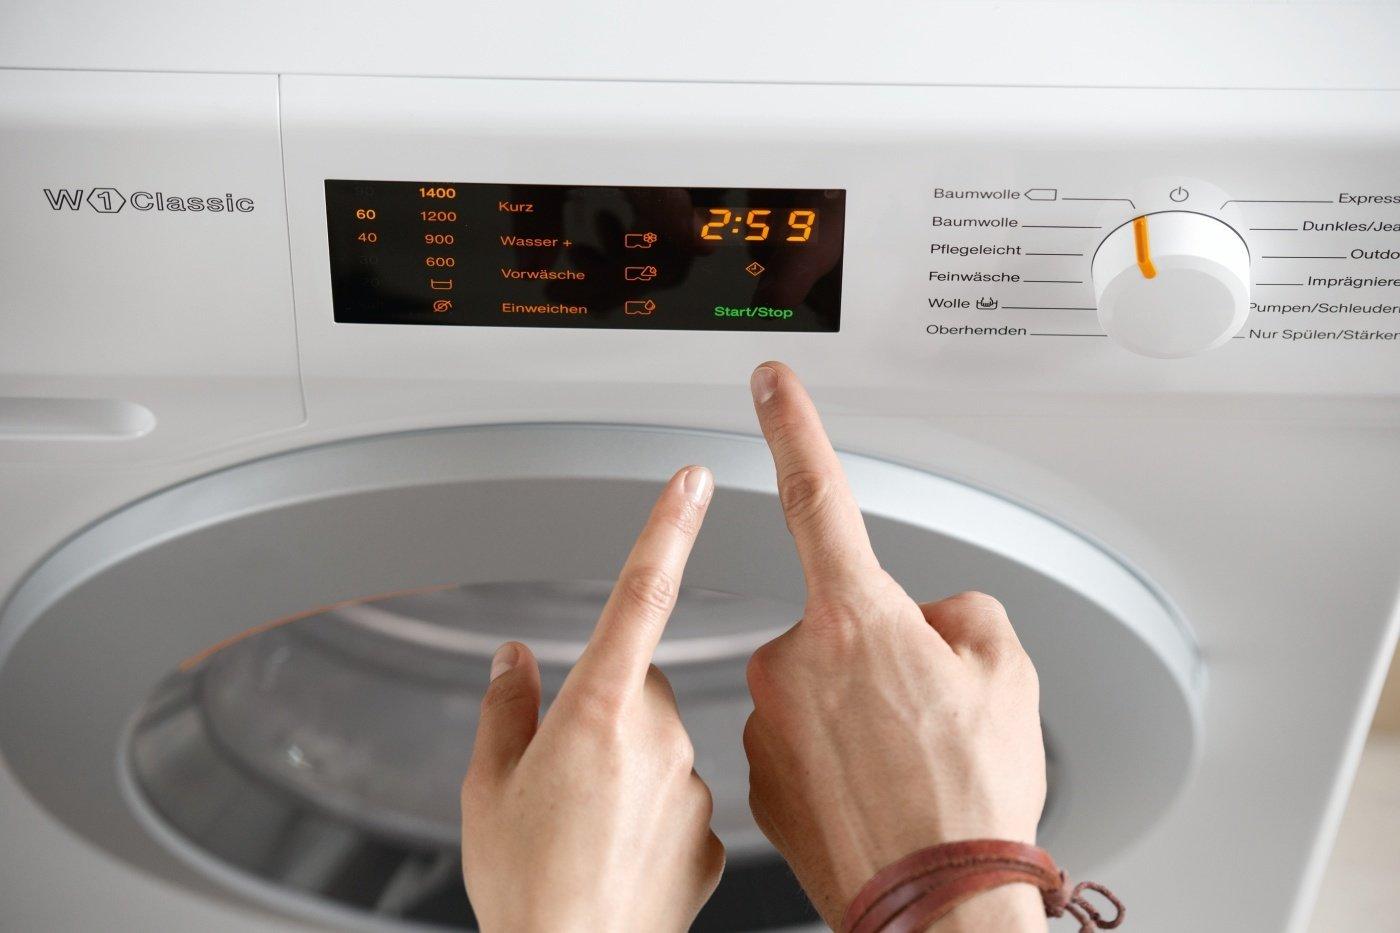 Miele-WDB-005-WCS-Waschmaschine7-kgWeifr-schonendes-WaschenMiele-Waschmaschine-mit-einfacher-Bedienung-per-Fingertipp